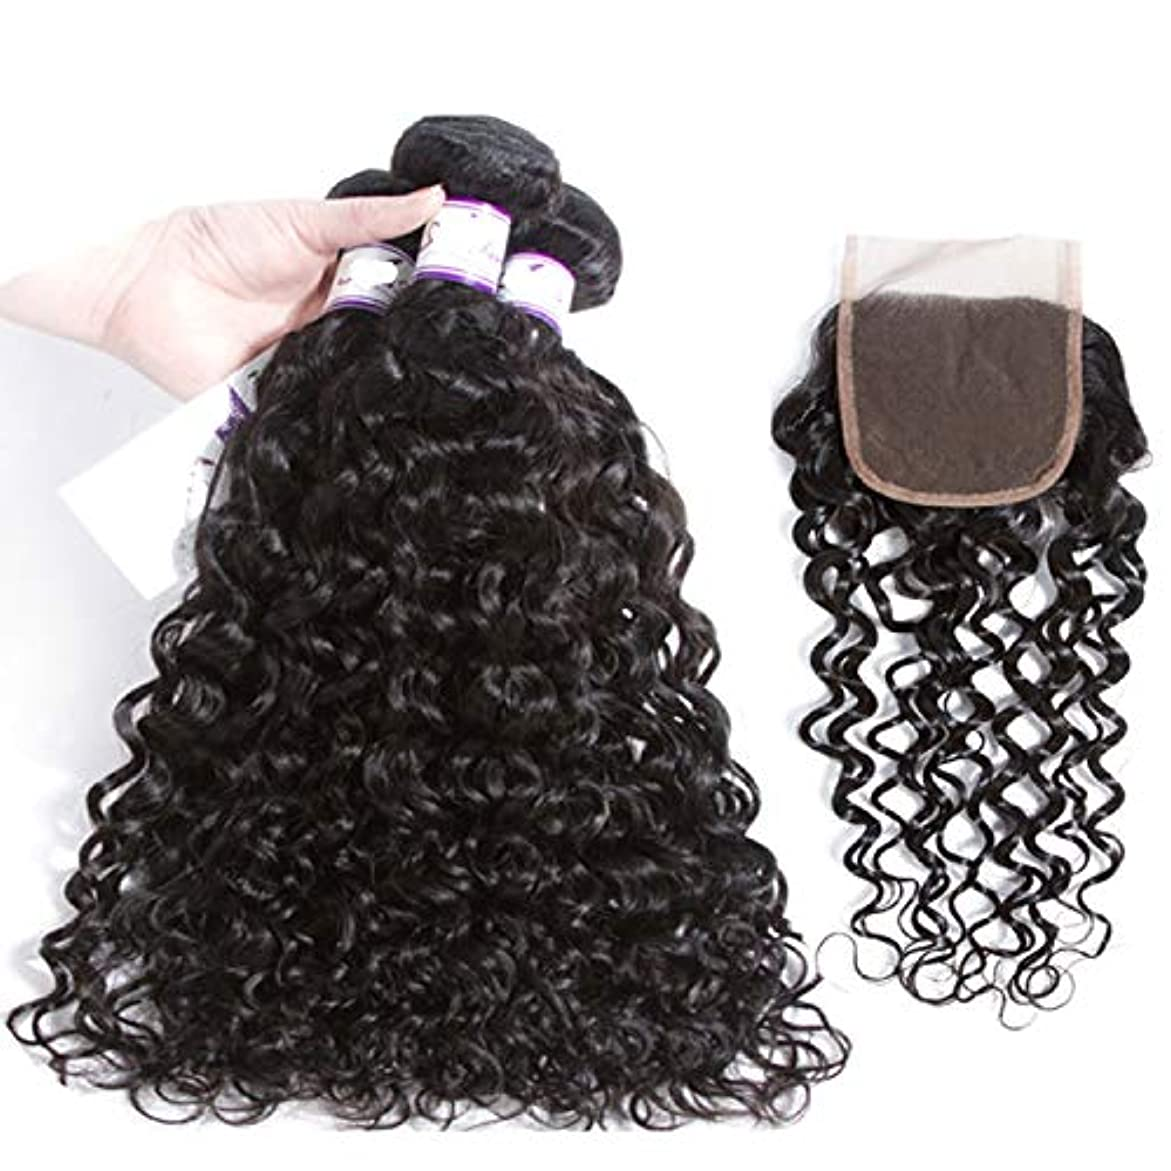 反乱思春期の水を飲む13 * 4閉鎖人間の髪の毛の波3バンドル人間の髪の毛の束 (Length : 18 18 18 Cl14, Part Design : FREE PART)